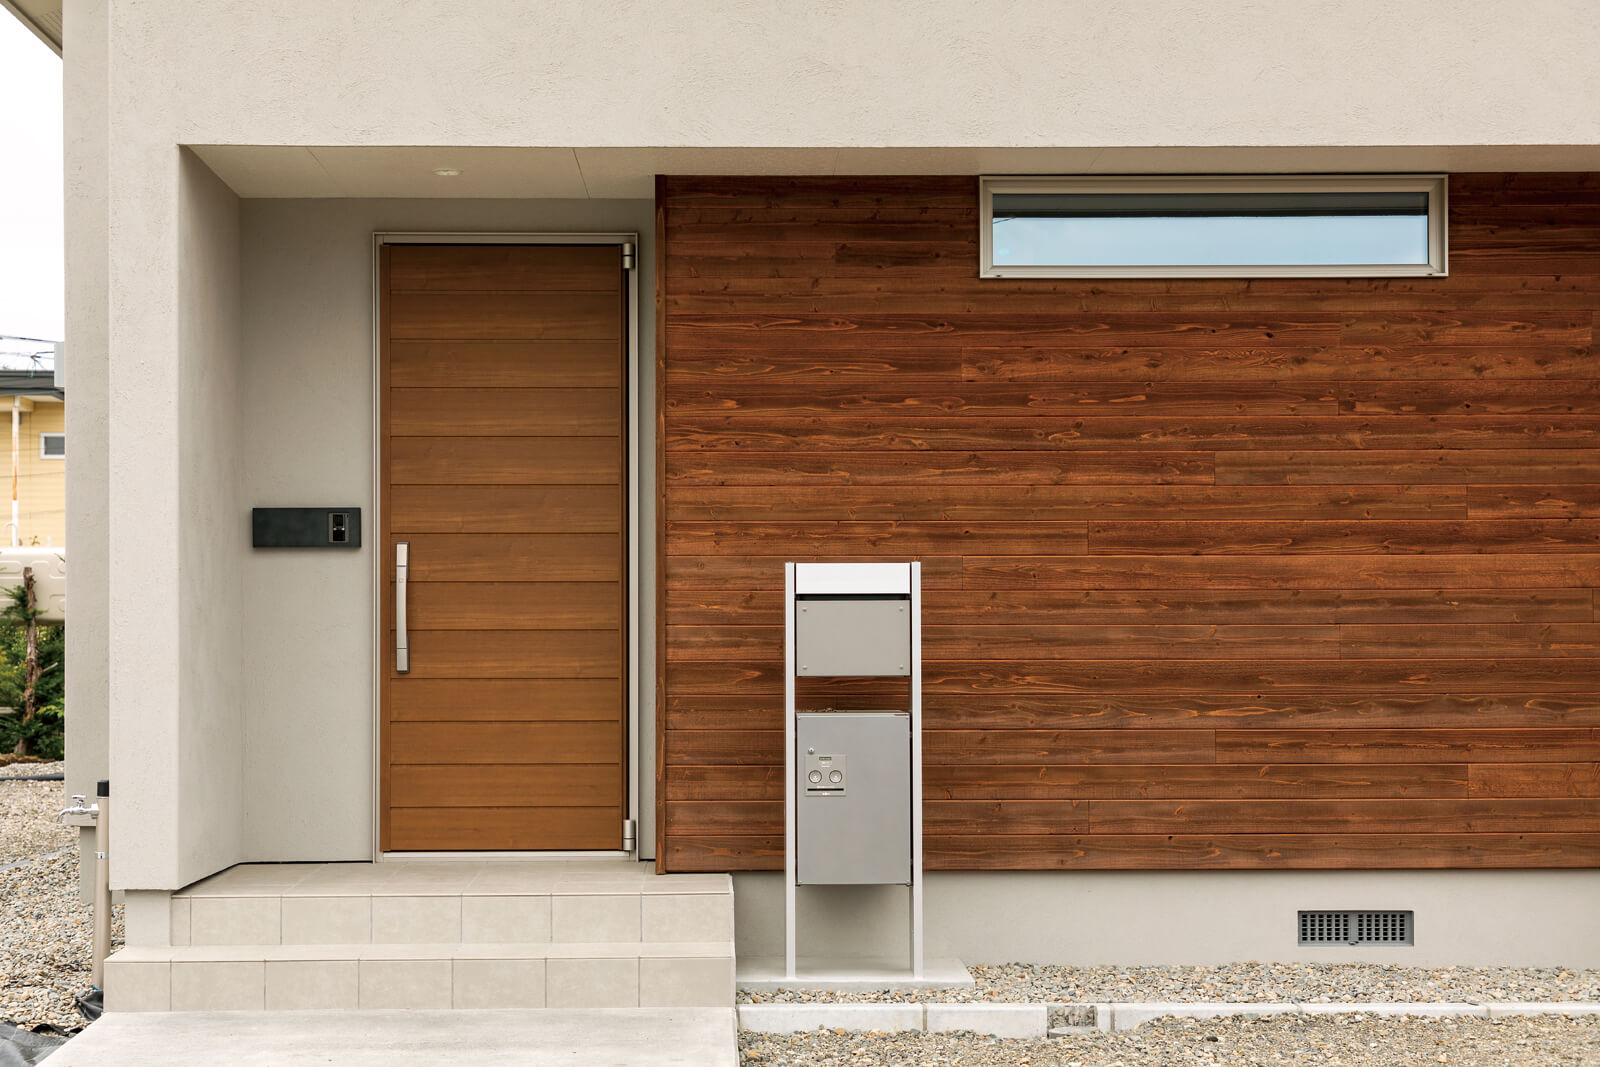 玄関まわりに張ったスギ板が塗り壁の外観にアクセントを与える